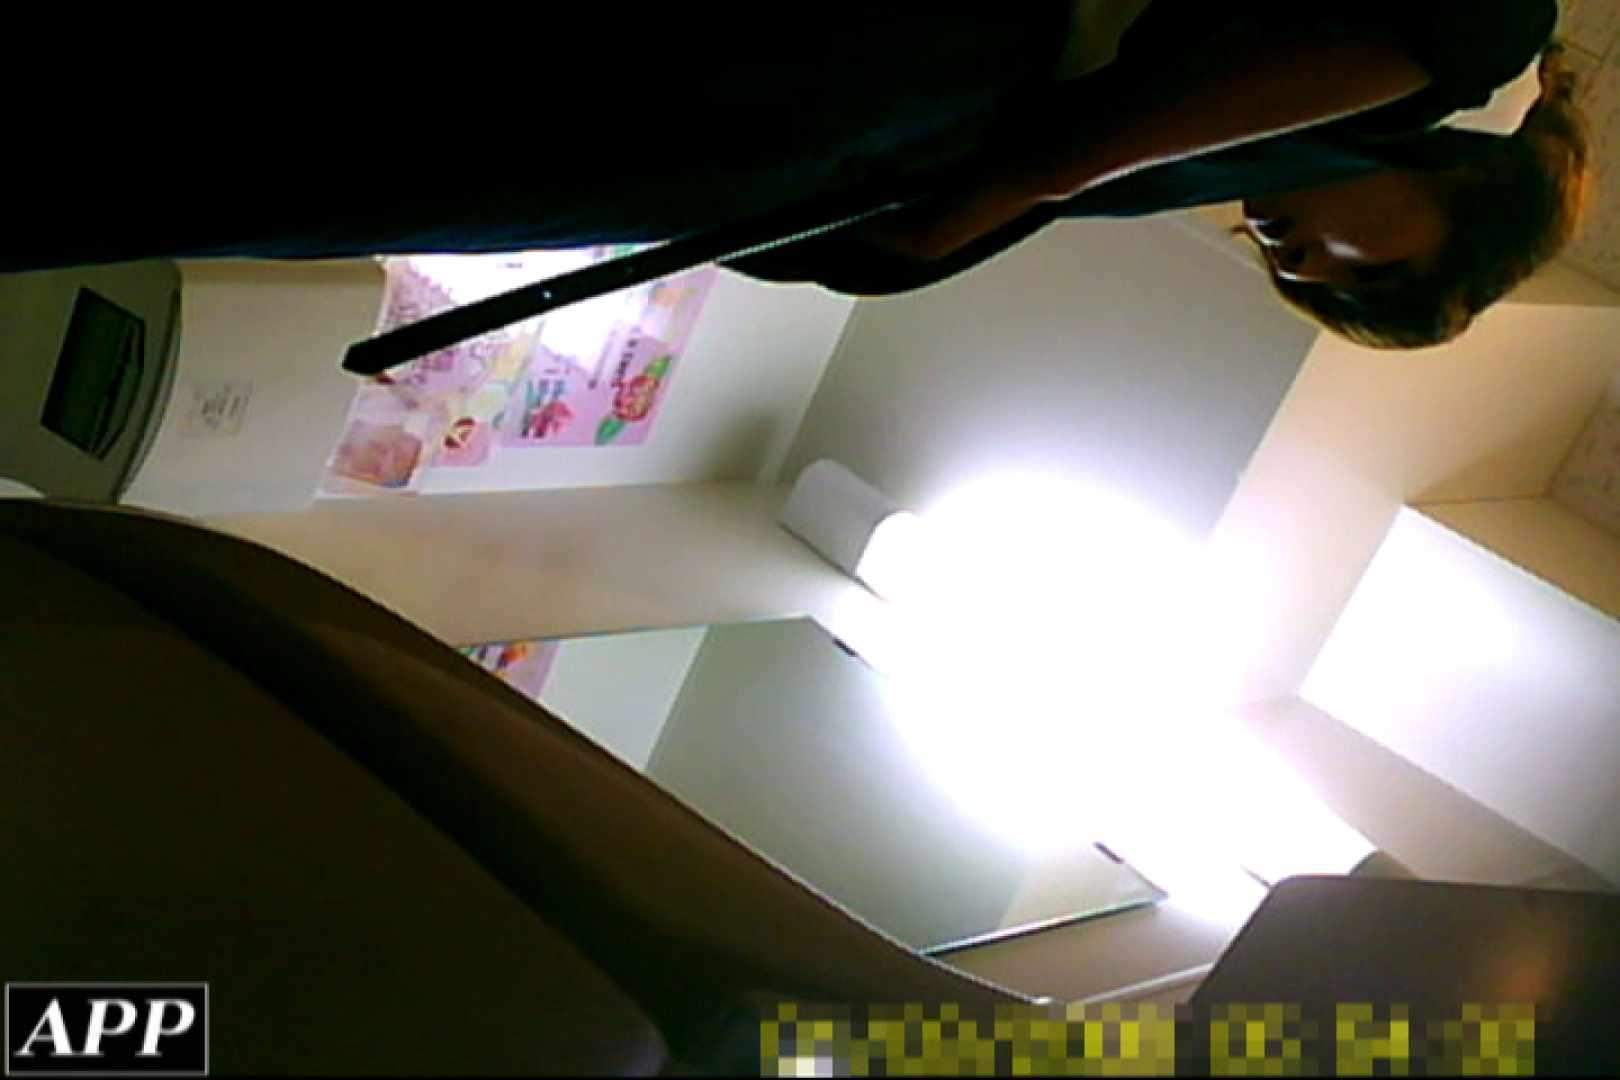 3視点洗面所 vol.114 無修正オマンコ 隠し撮りオマンコ動画紹介 99画像 53